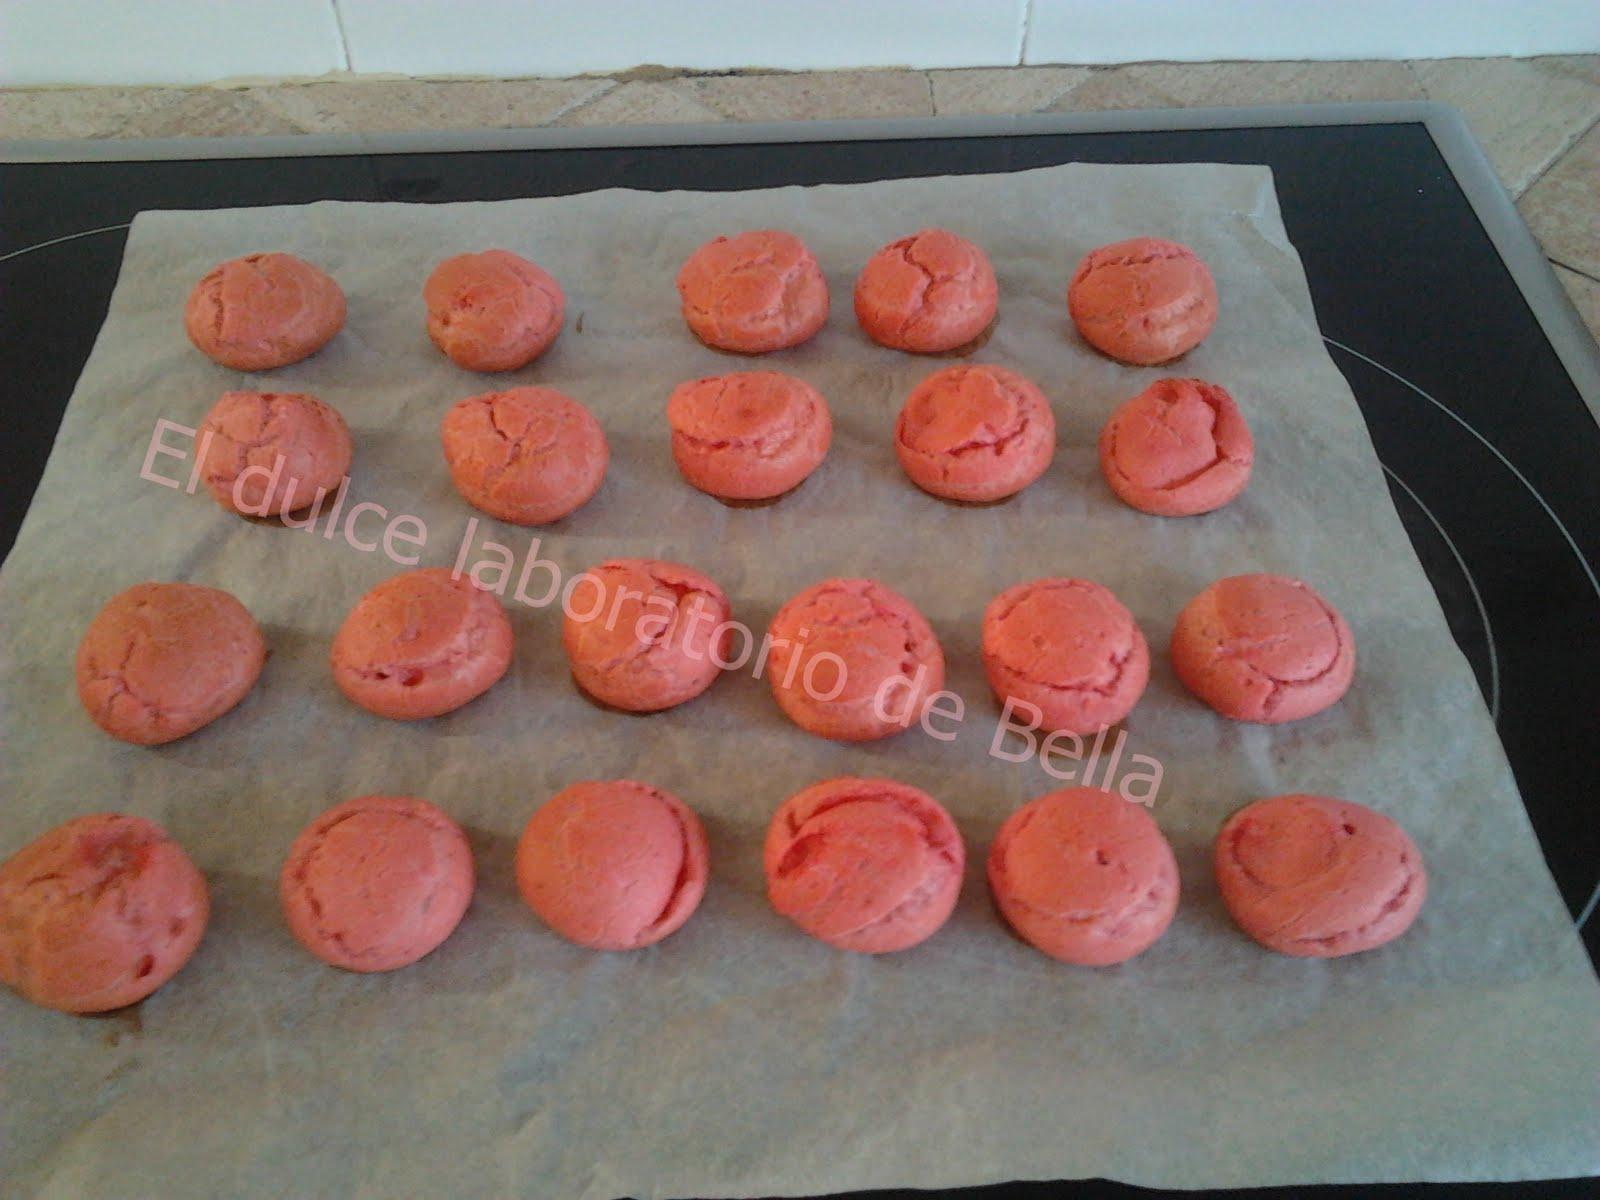 El dulce laboratorio de Bella: Profiteroles...... de color rosa